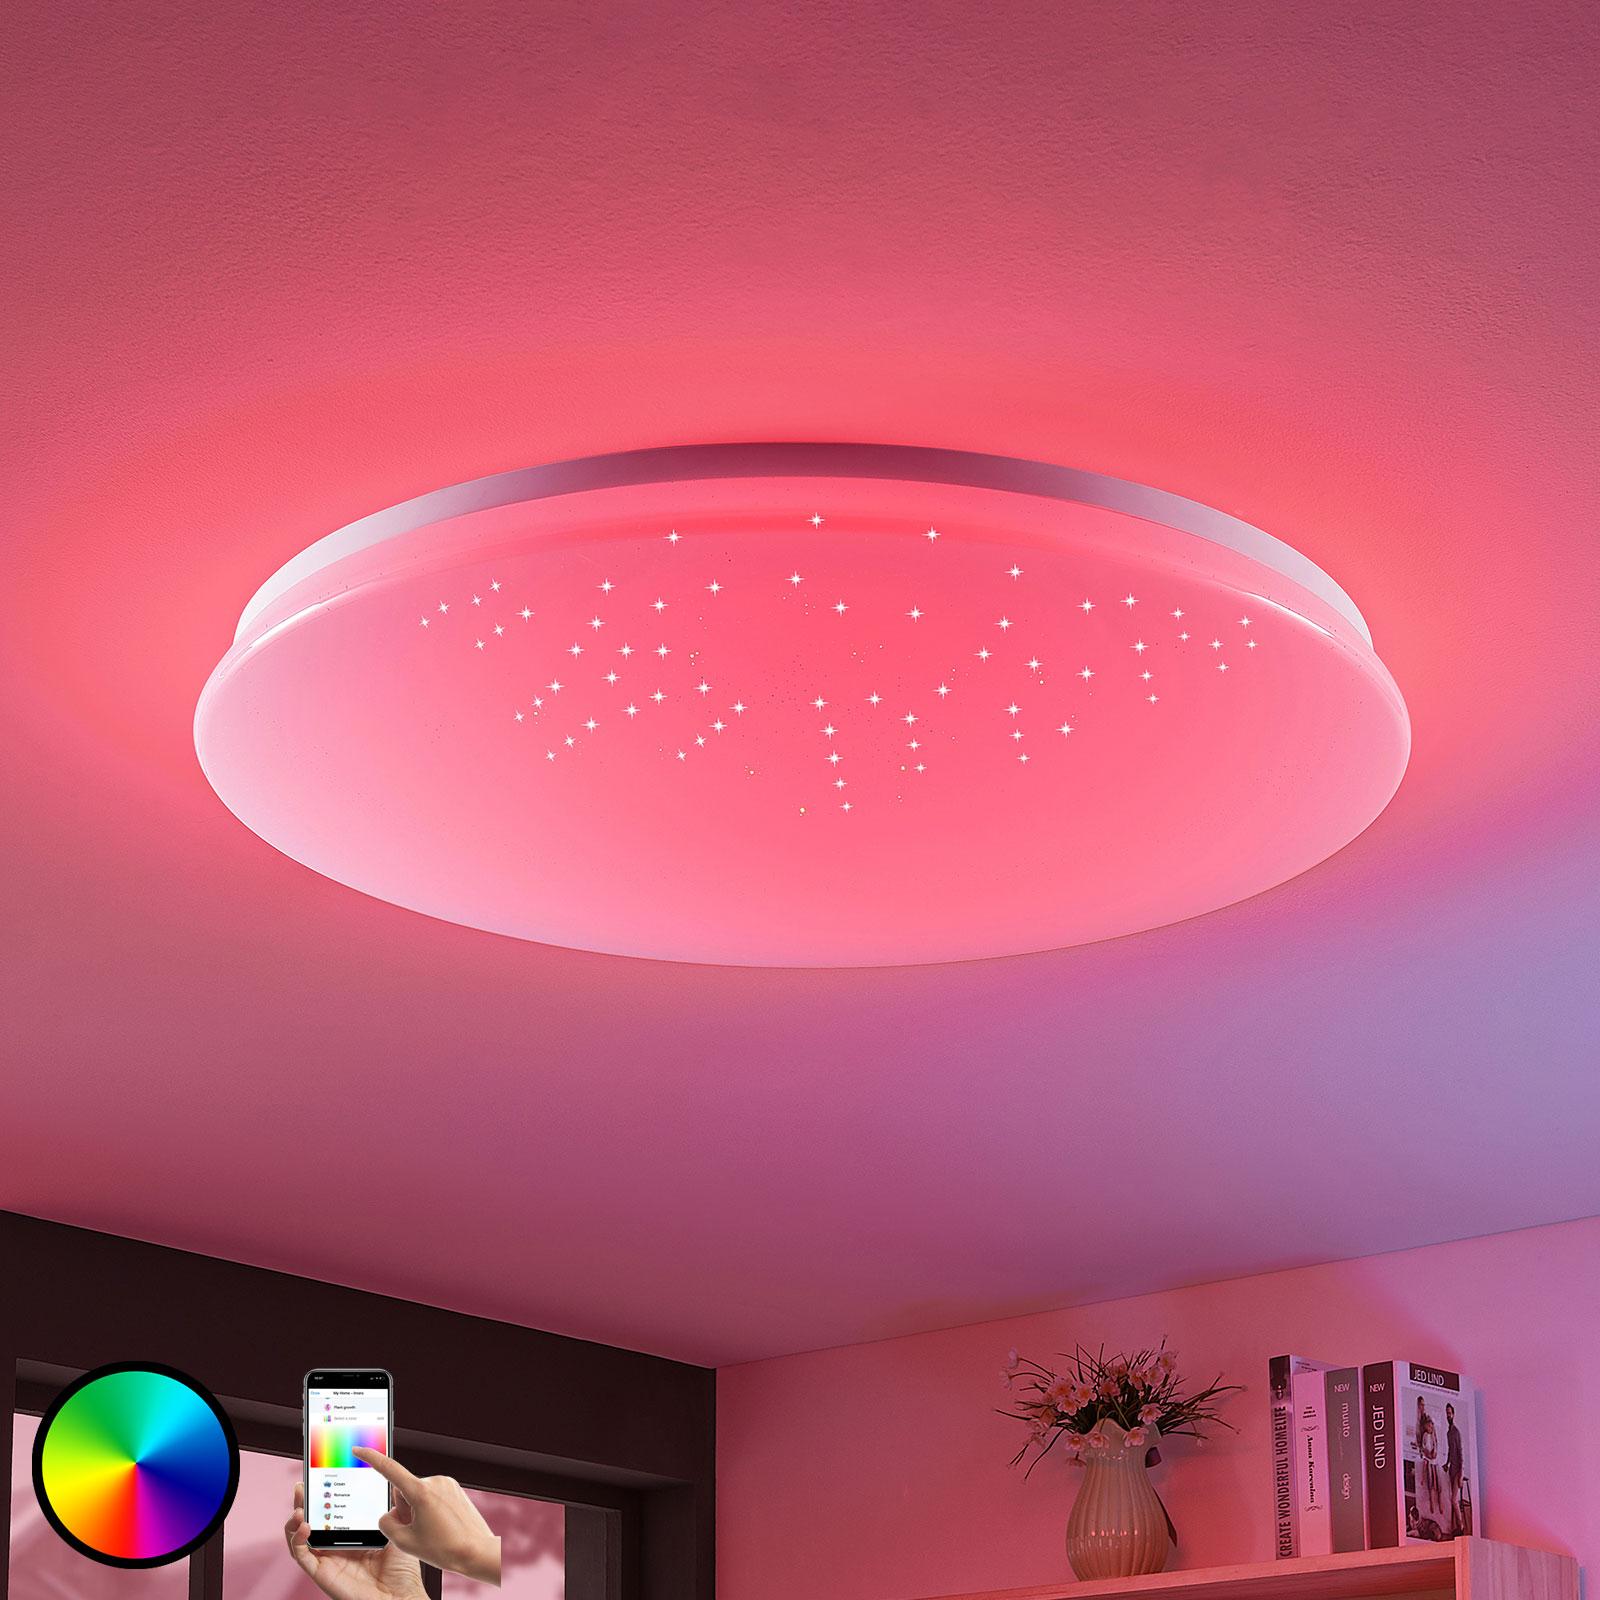 Lampa sufitowa LED Marlie, technologia WiZ,okrągła